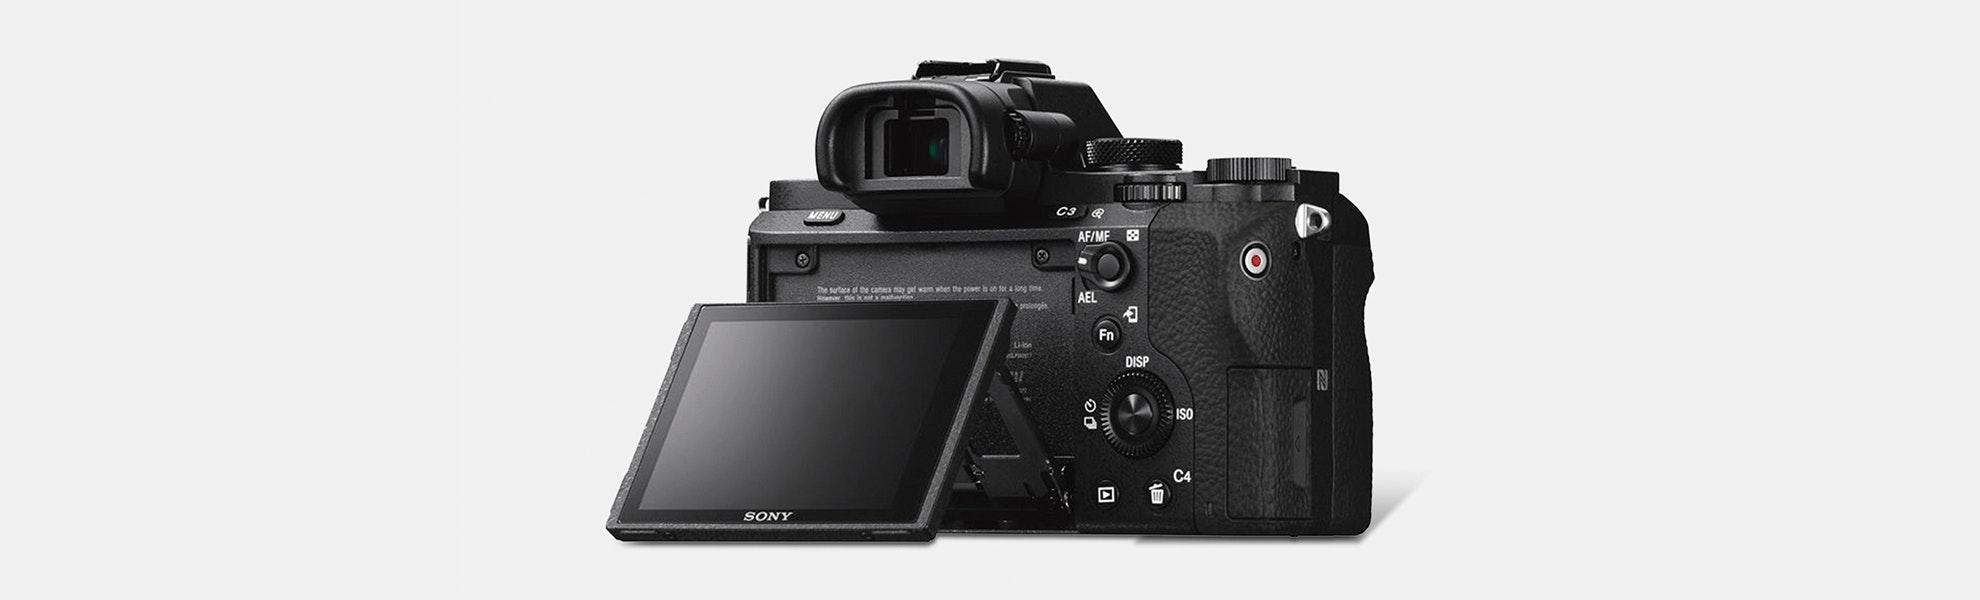 Sony Alpha a7 II Mirrorless Digital Camera Body